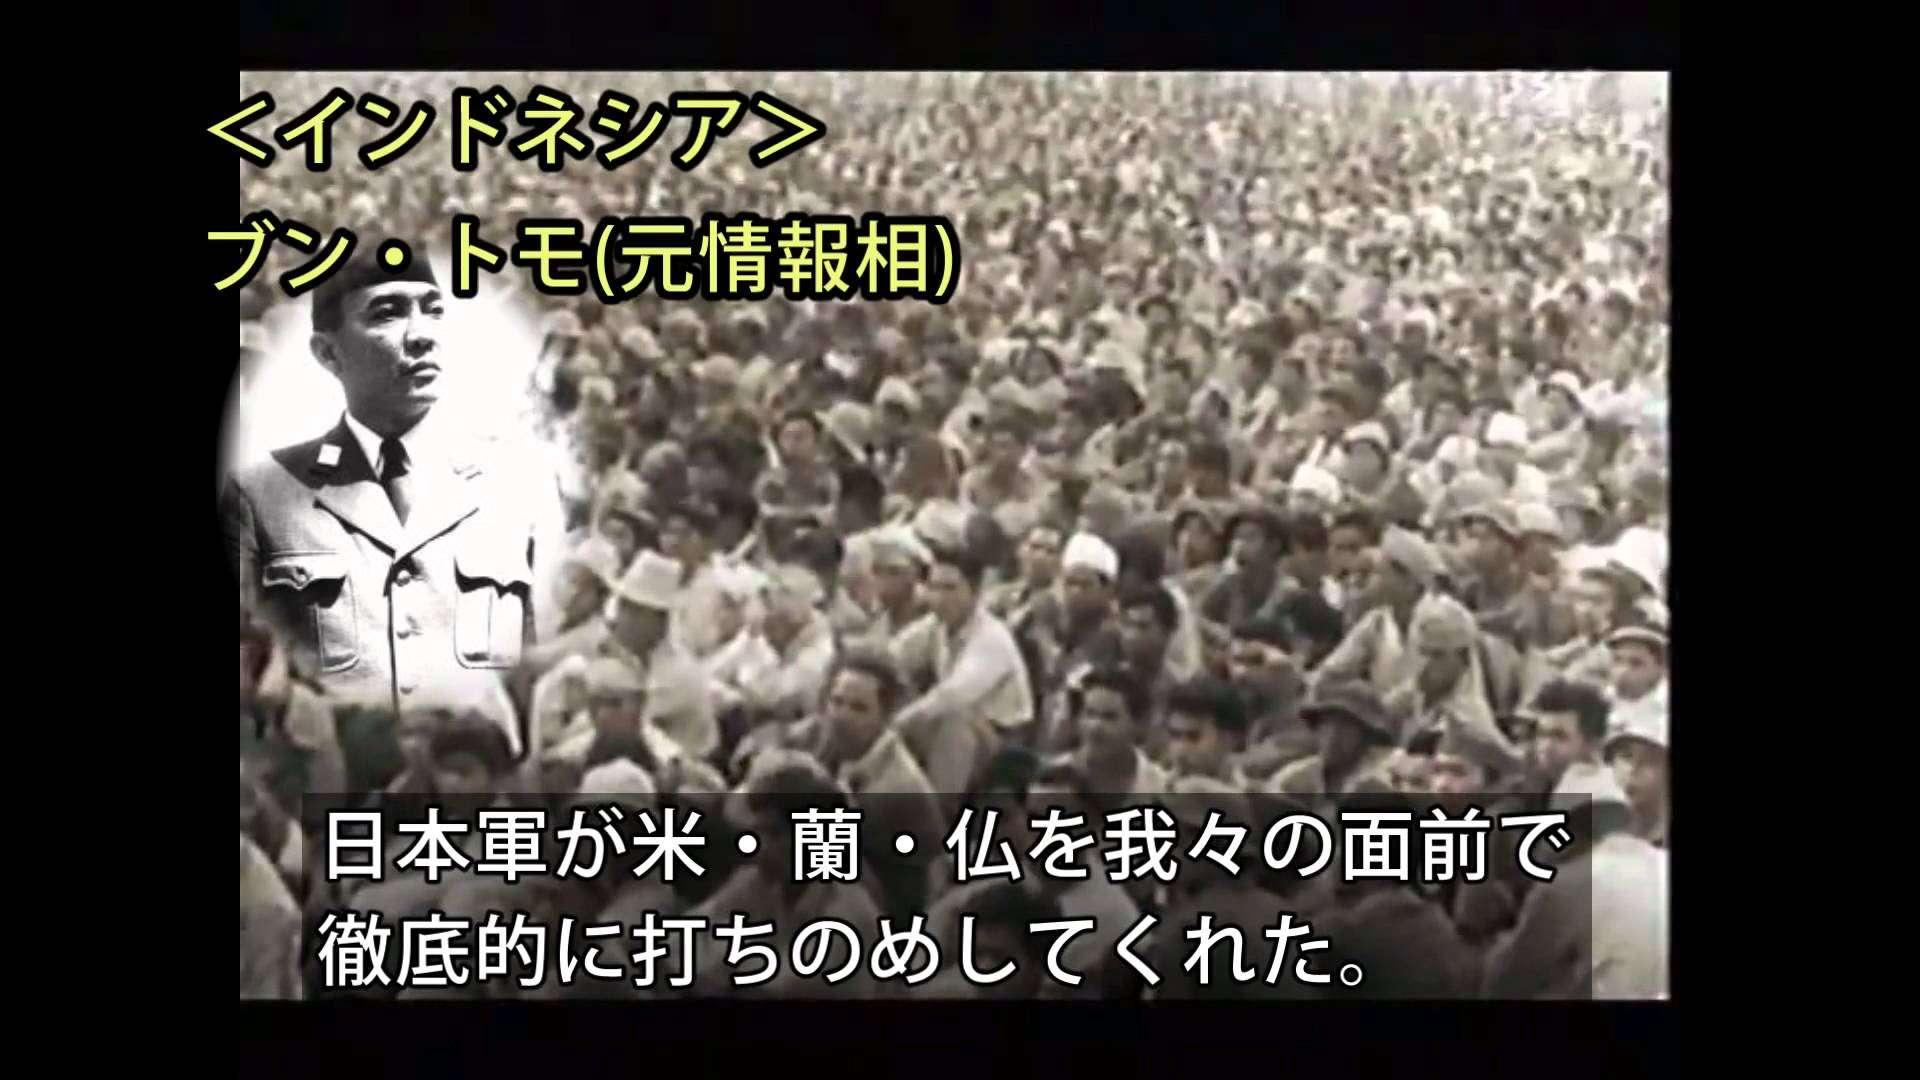 反日勢力が日本国民に知られたくない【大東亜戦争】世界の声 - YouTube